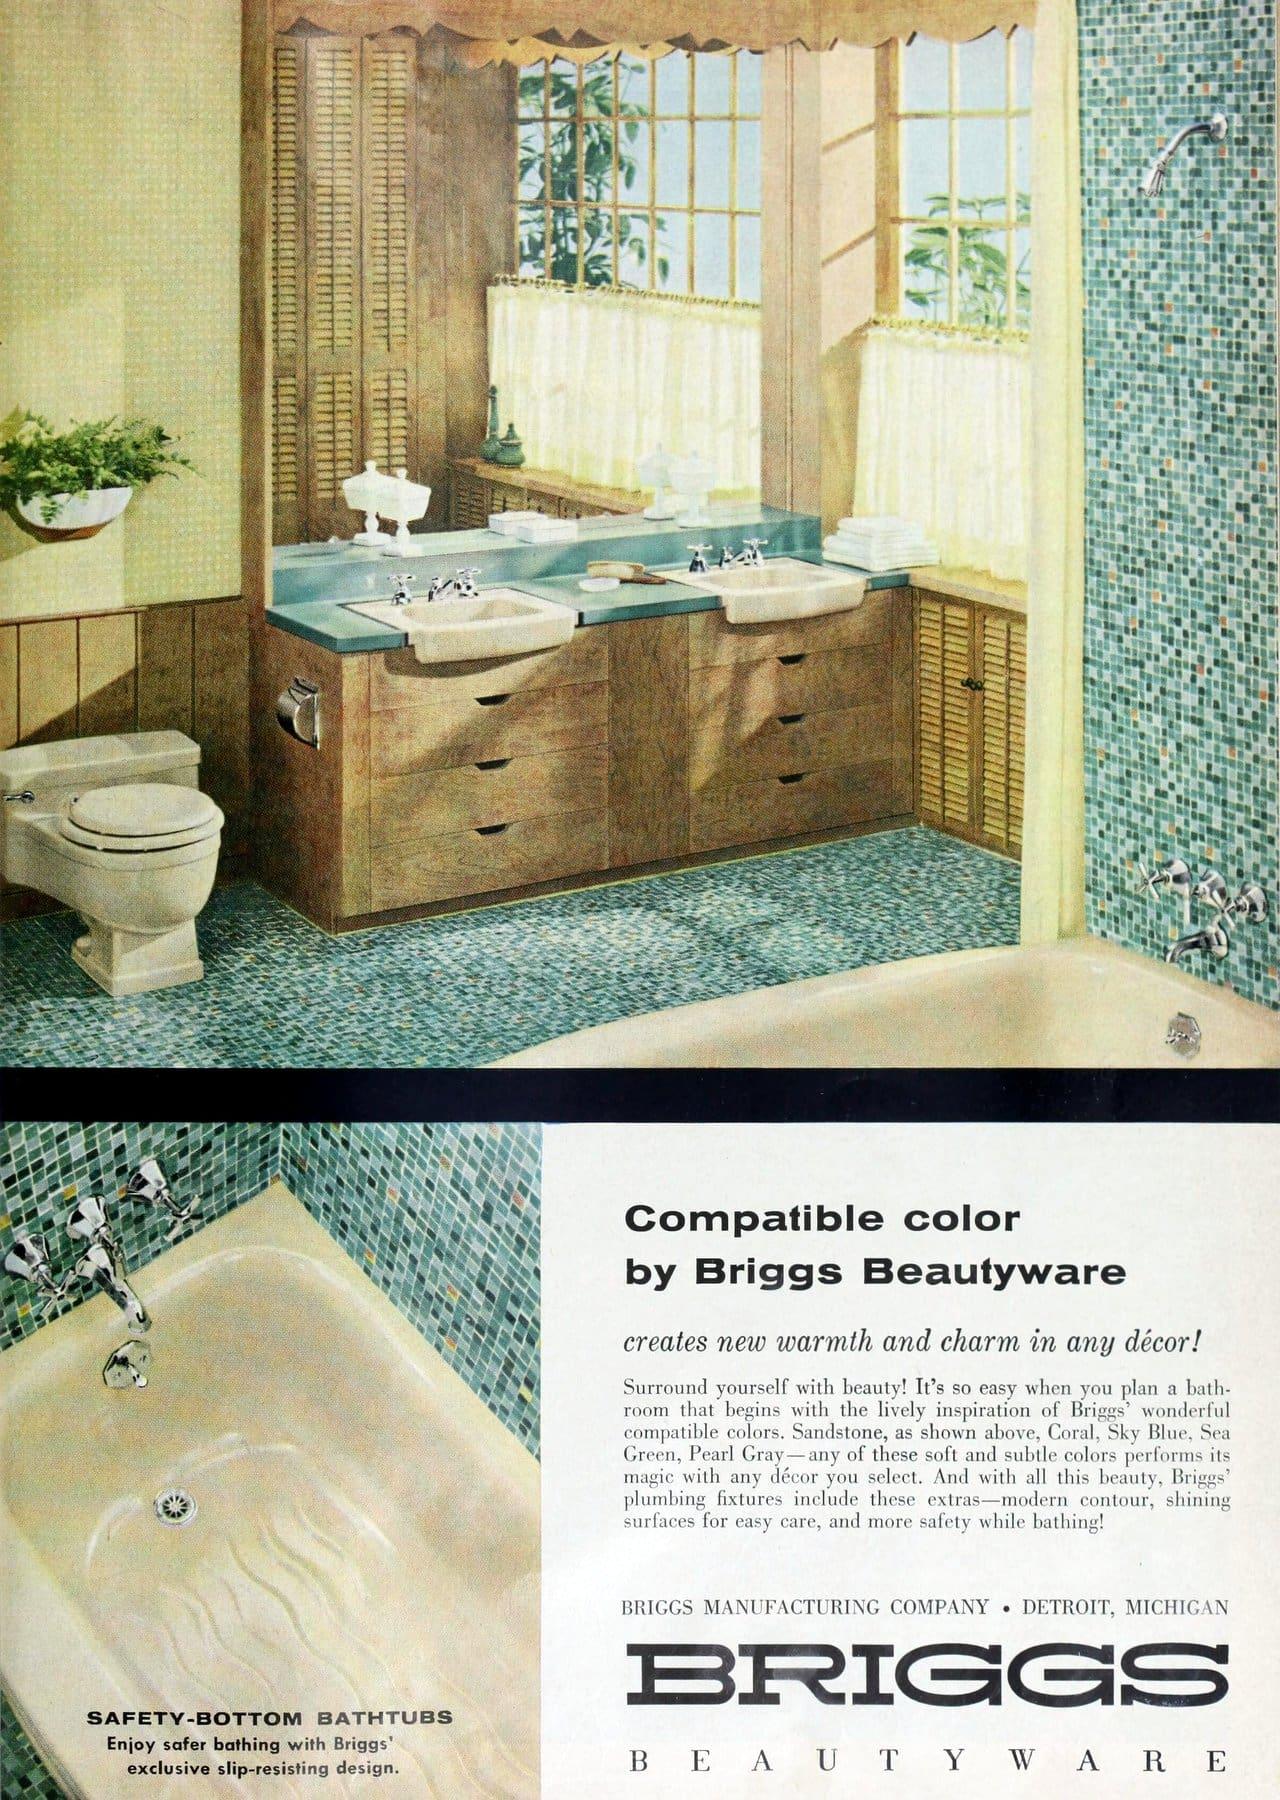 Vintage 1958 Briggs bathroom with aqua mosaic tile designs